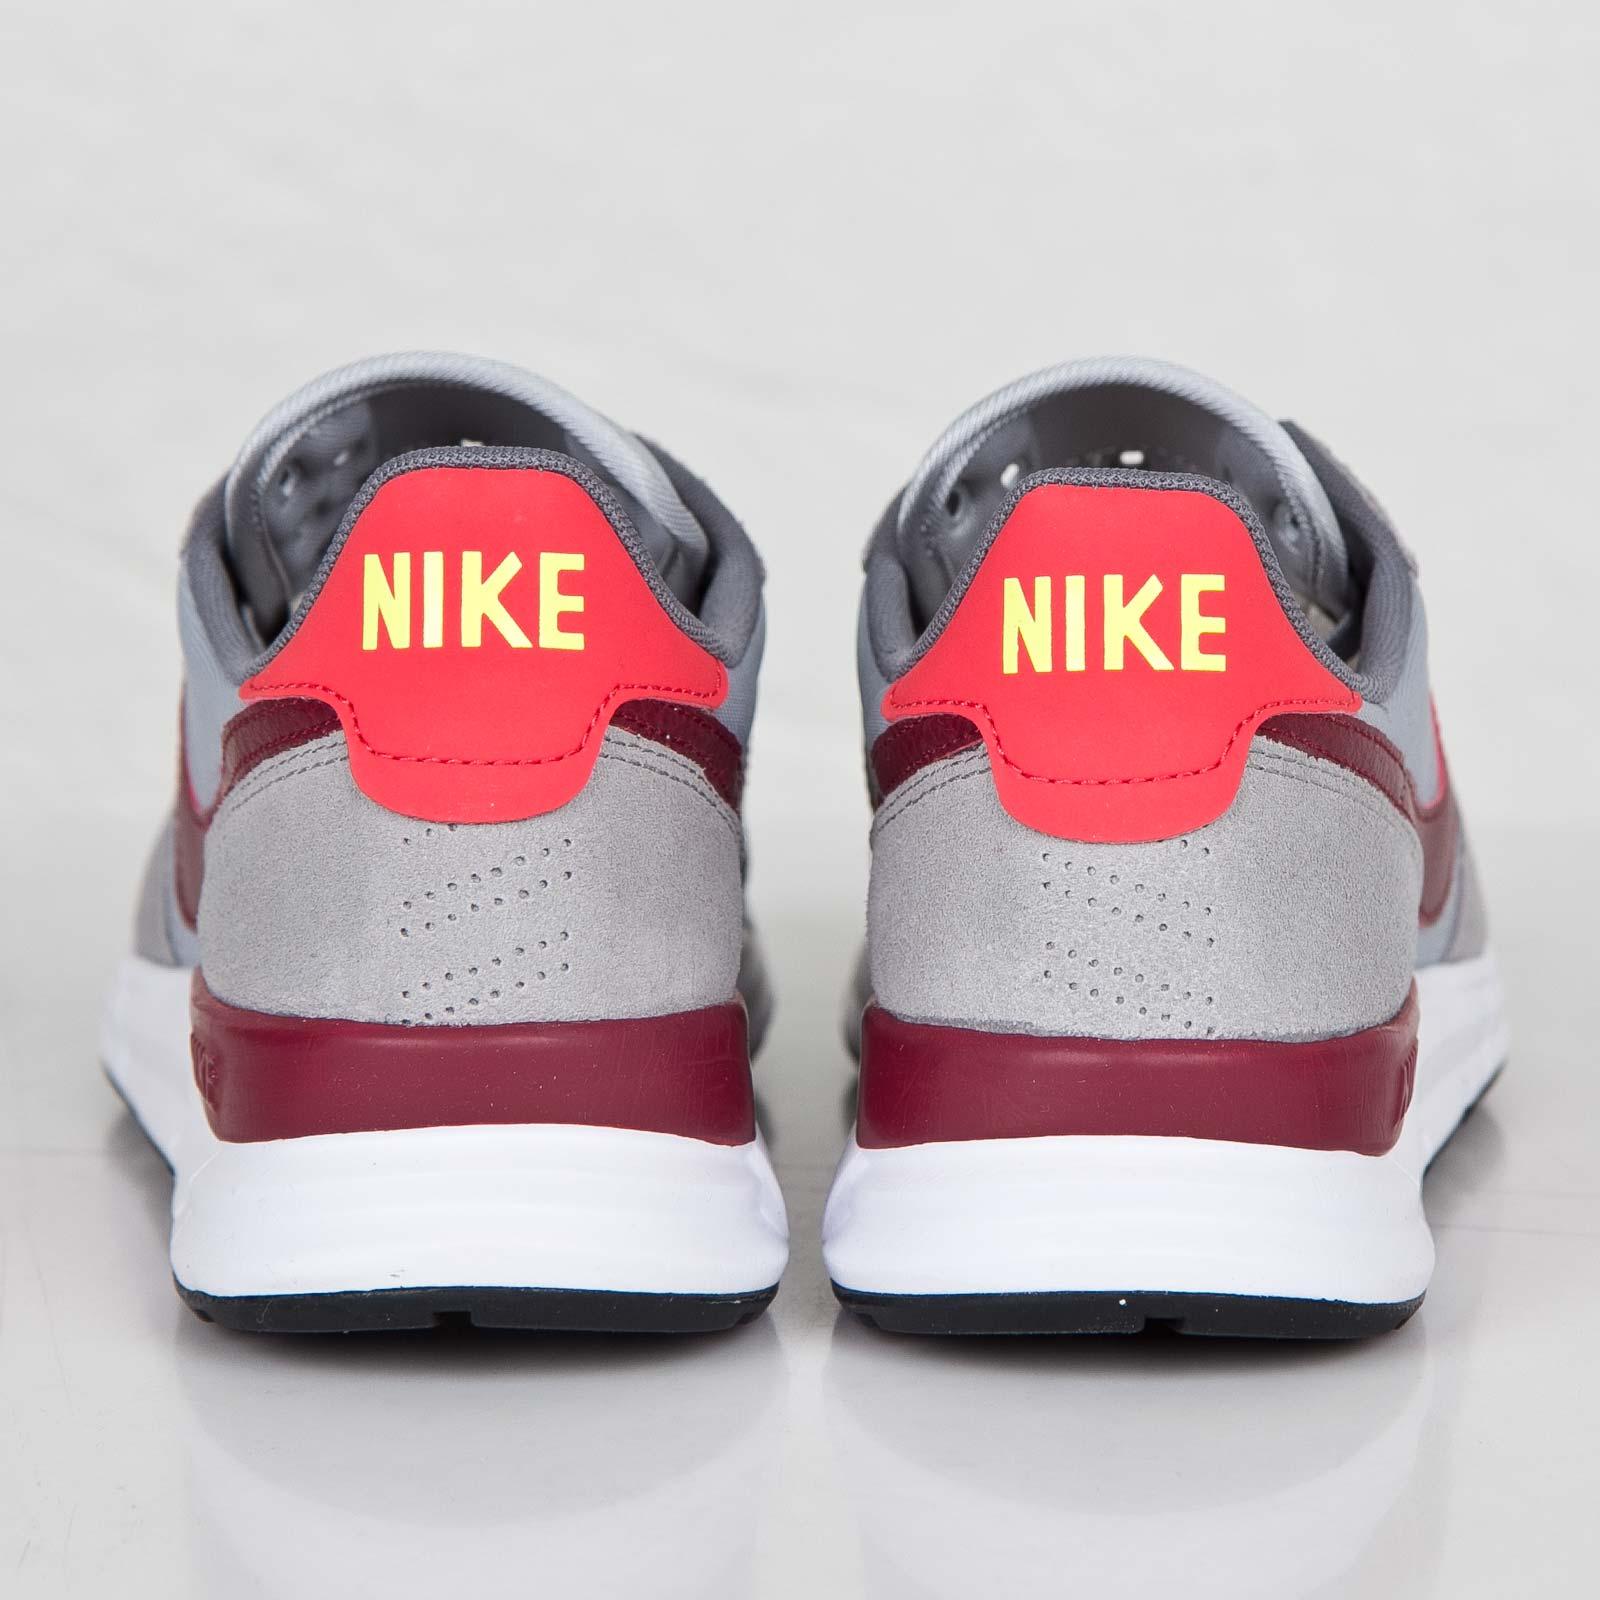 online store 7f7ec 19d6f Nike Lunar Internationalist - 631731-006 - Sneakersnstuff   sneakers    streetwear online since 1999